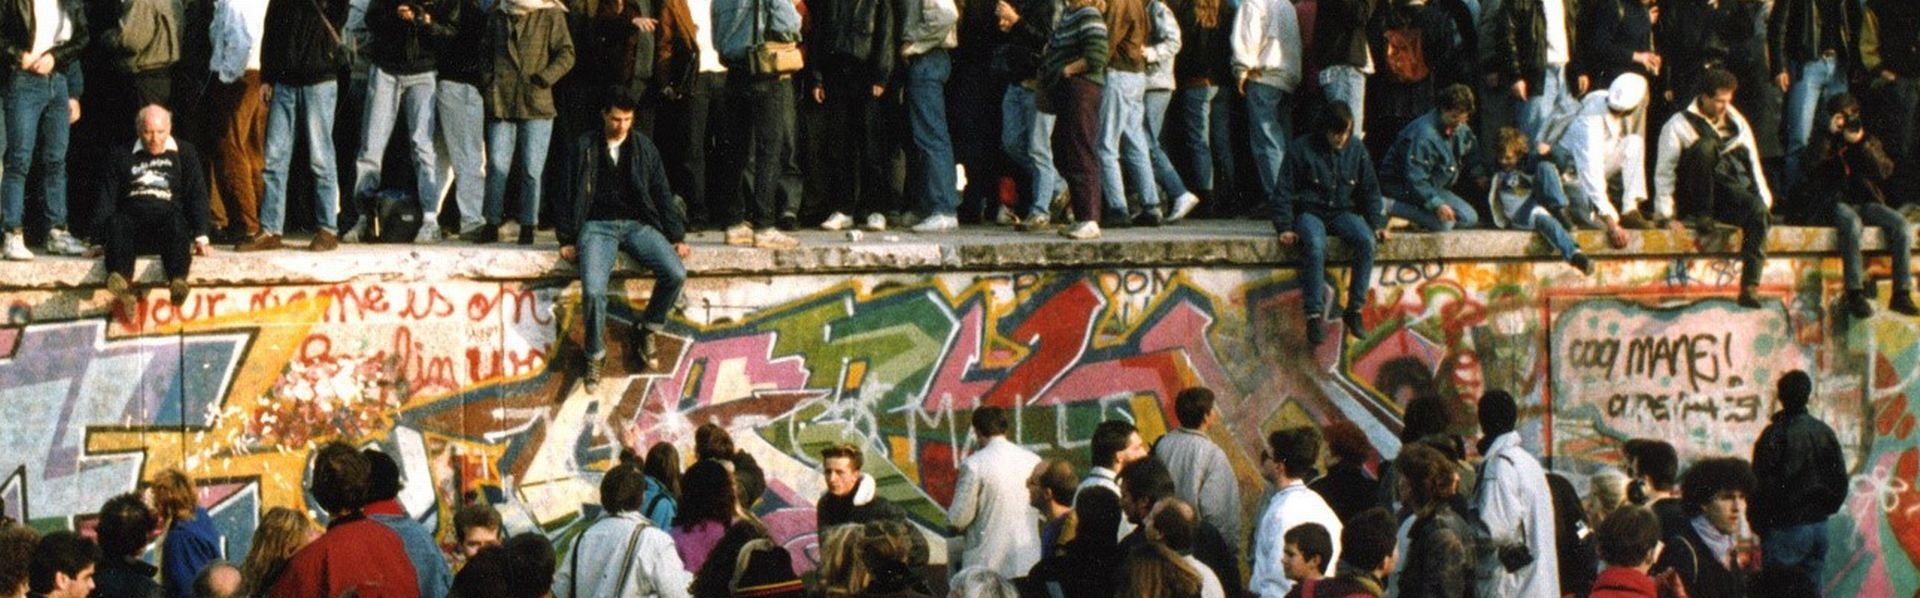 Berlin, devant la Porte de Brandebourg au moment de la chute du Mur [Keystone]